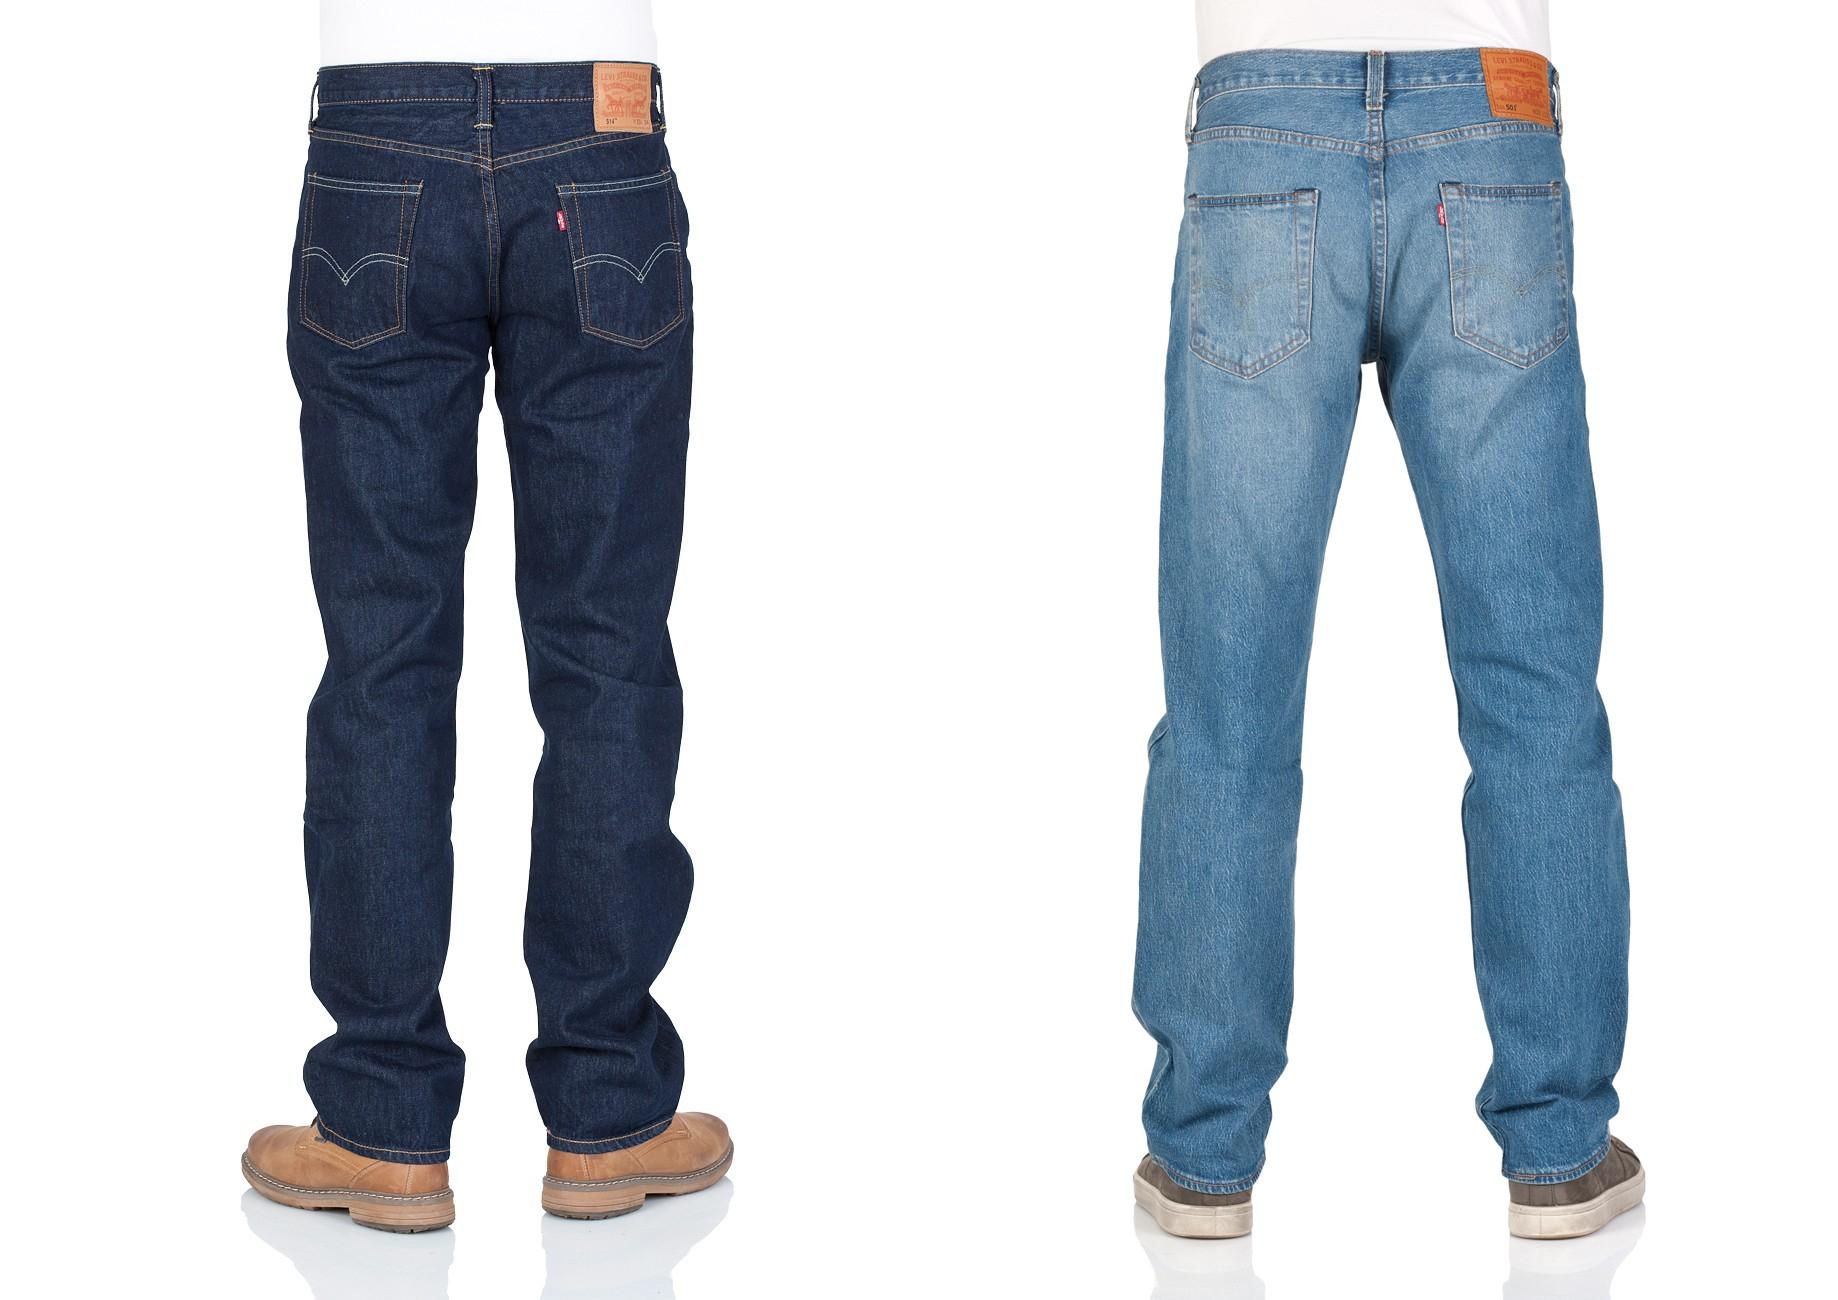 Viele Levi's Herren Jeans zwischen 44,95€ und 53,95€ (501 – 511 – 514 - 527) @Jeans Direct